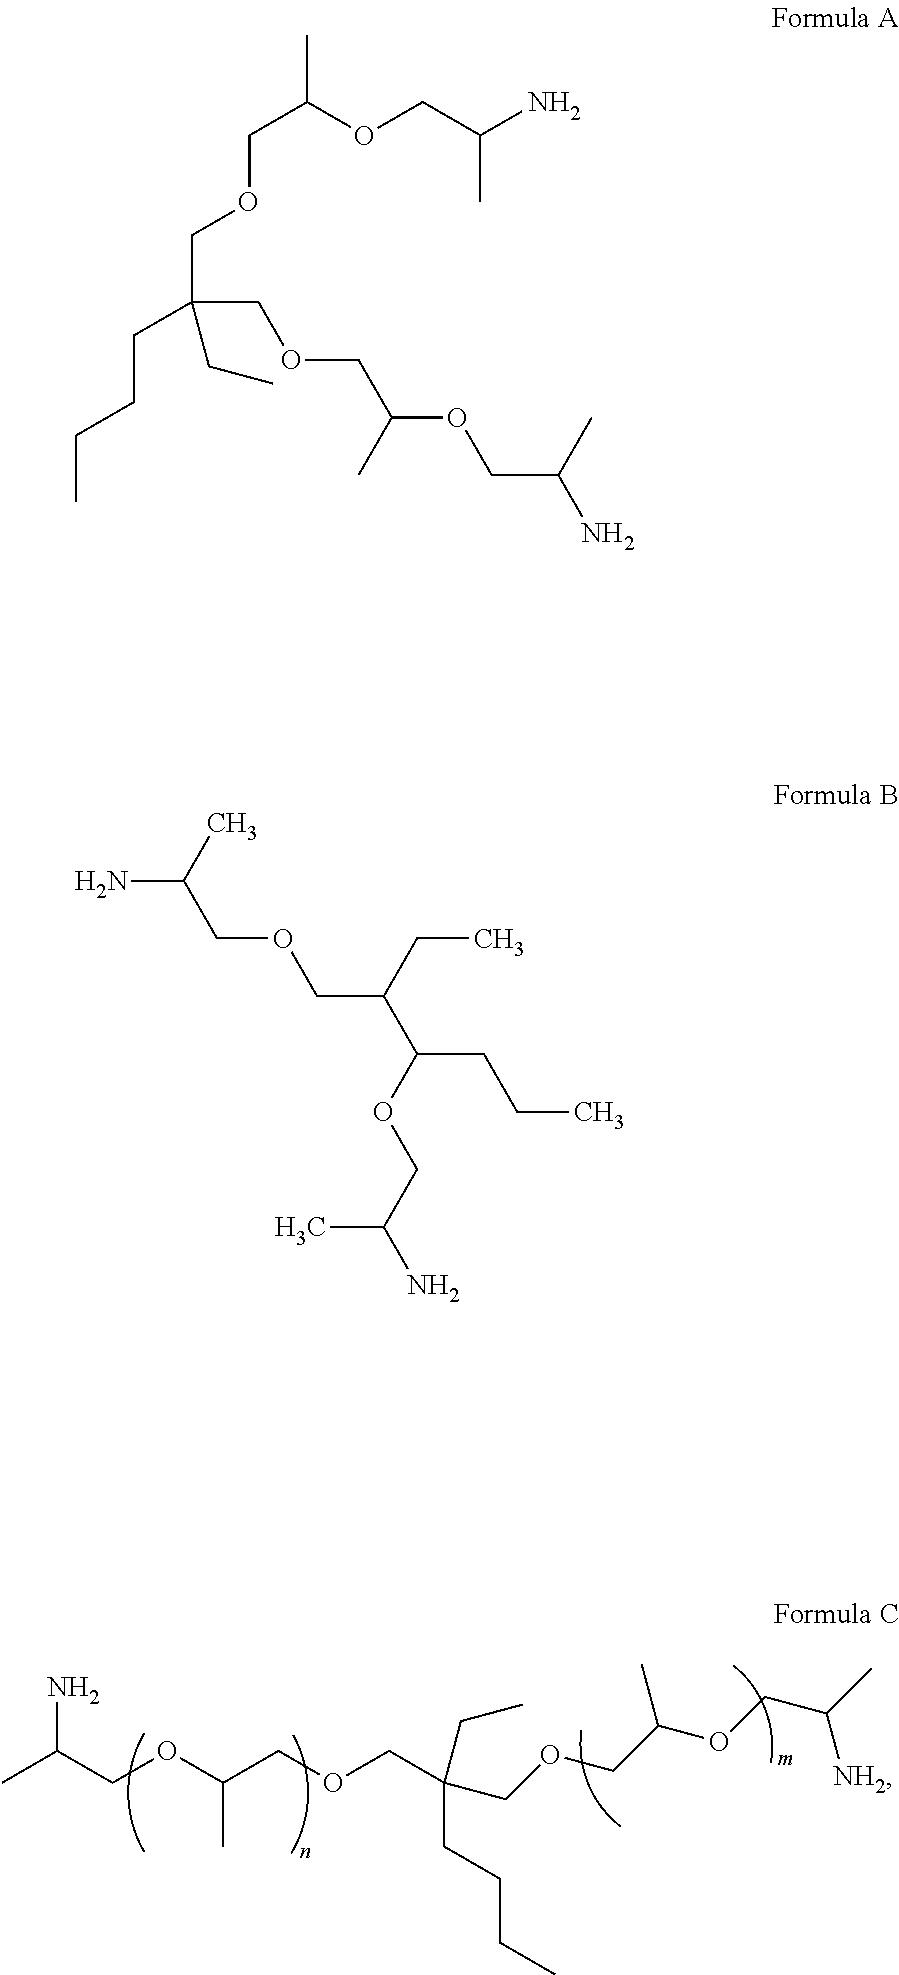 Figure US20170355930A1-20171214-C00004